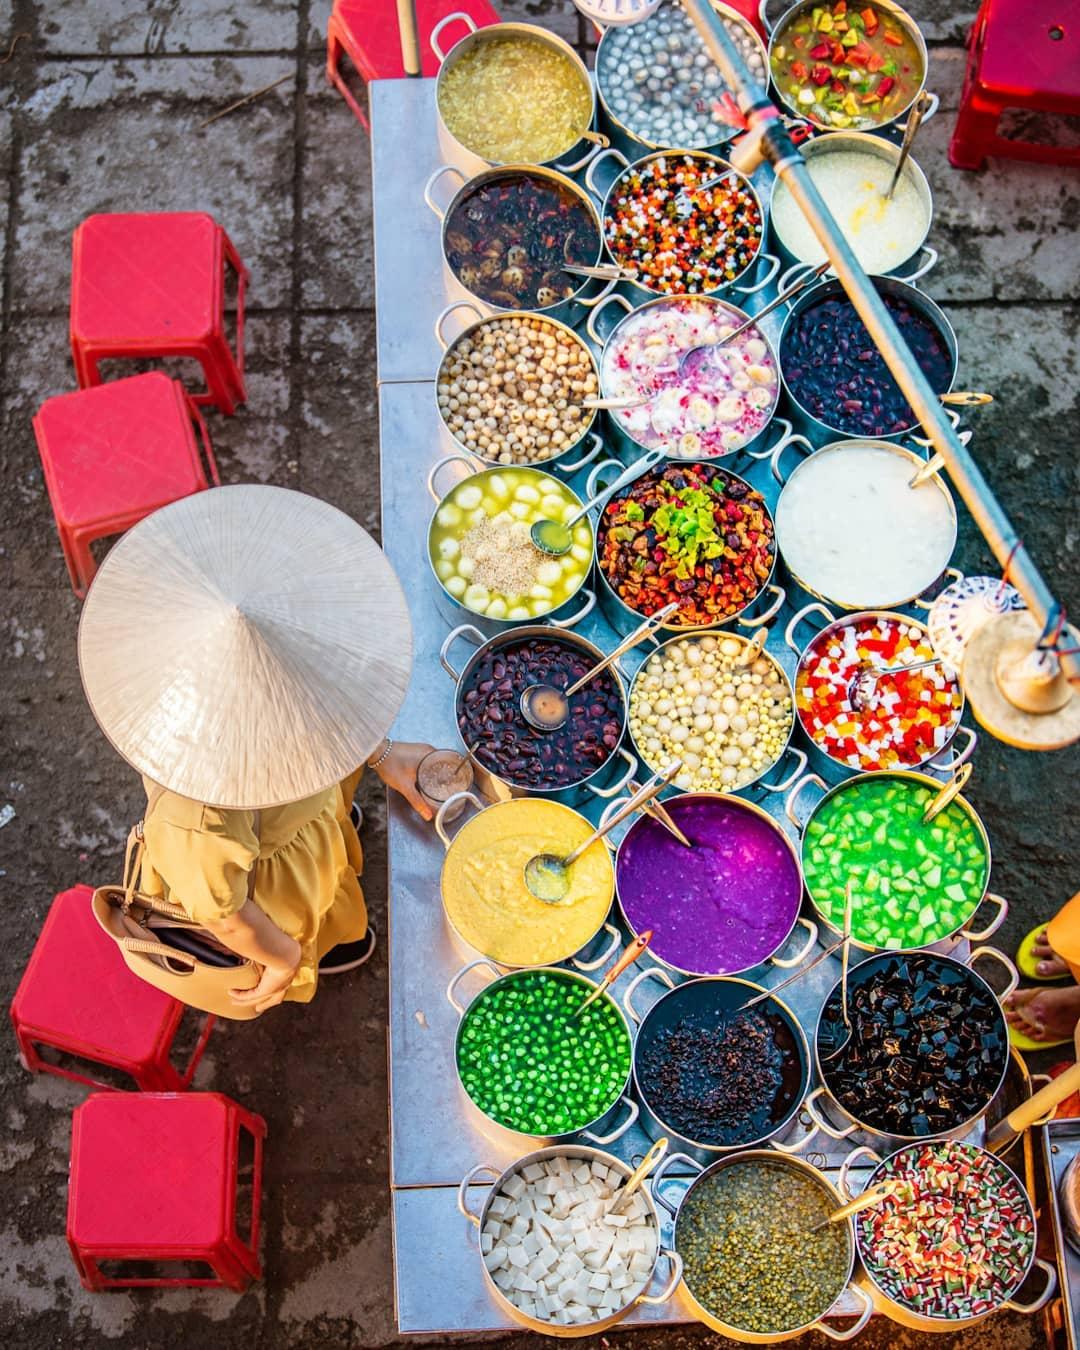 Tiệm chè bày trí đẹp mắt với các sắc màu xen kẽ. Ảnh: Alden Anderson